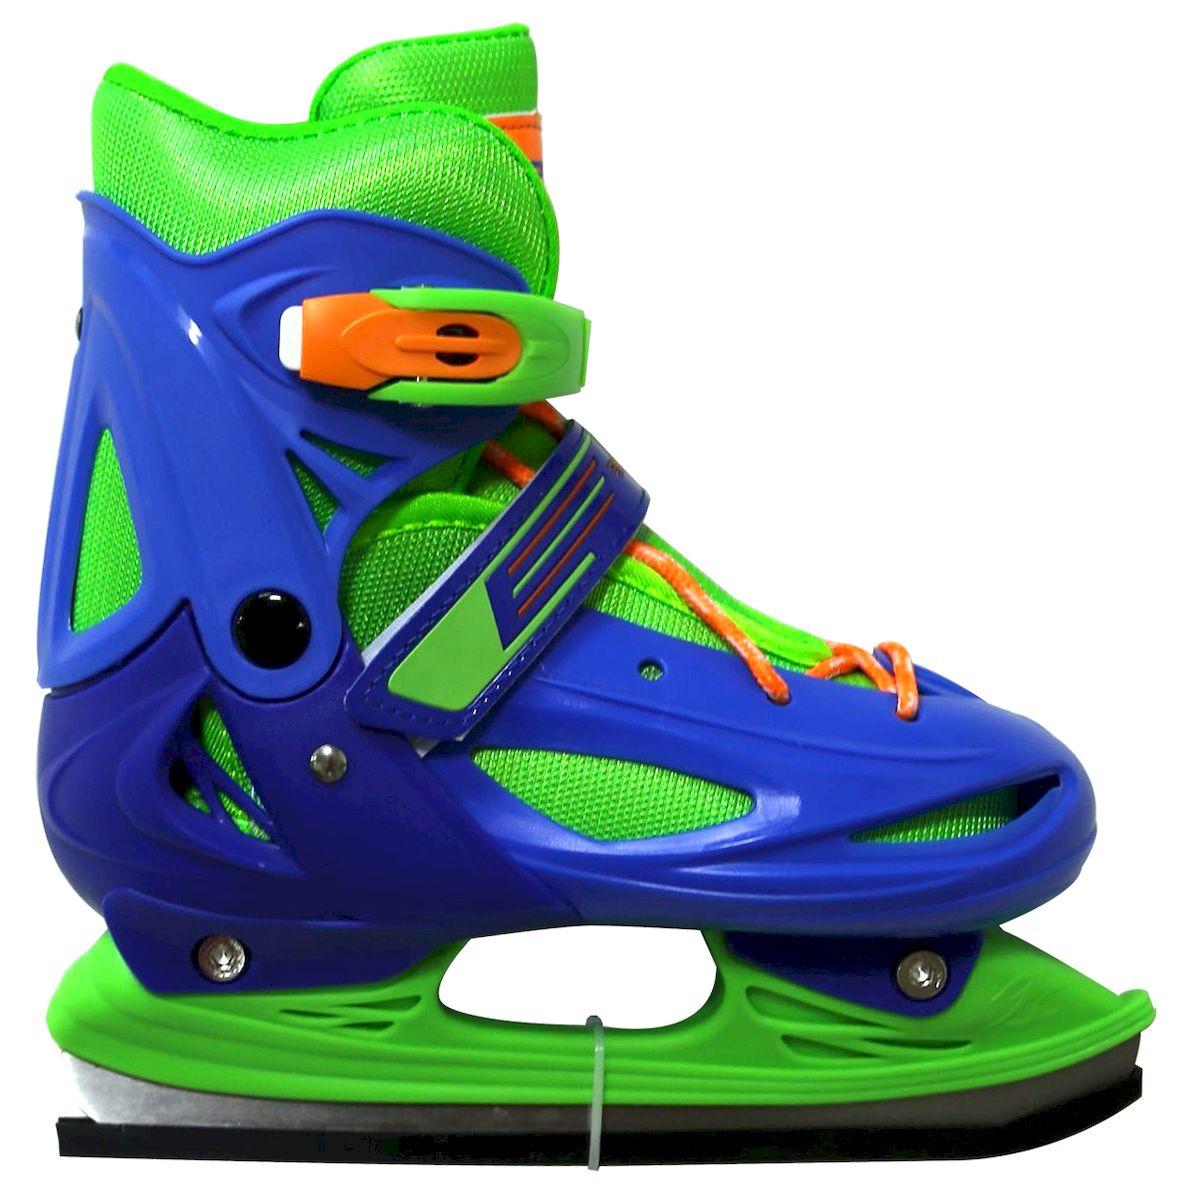 Коньки раздвижные Ice Blade Casey, цвет: синий, зеленый, оранжевый. УТ-00009125. Размер S (30/33)УТ-00009125Коньки раздвижные Casey - это классические раздвижные коньки от известного бренда Ice Blade, которые предназначены для детей и подростков, а также для тех, кто делает первые шаги в катании на льду. Коньки имеют яркий молодежный дизайн, теплый внутренний сапожок, удобная трехуровневая система фиксации ноги, легкая смена размера, надежная защита пятки и носка - все это бесспорные преимущества модели. Коньки поставляются с заводской заточкой лезвия, что позволяет сразу приступить к катанию и не тратить денег на заточку. Предназначены для использования на открытом и закрытом льду. Характеристики: Тип фиксации: клипса с фиксатором, липучка, шнурки Материал ботинка: морозостойкий пластик Внутренняя отделка: теплый текстильный материал Лезвие: выполнено из высокоуглеродистой стали с покрытием из никеля Упаковка: удобная сумка